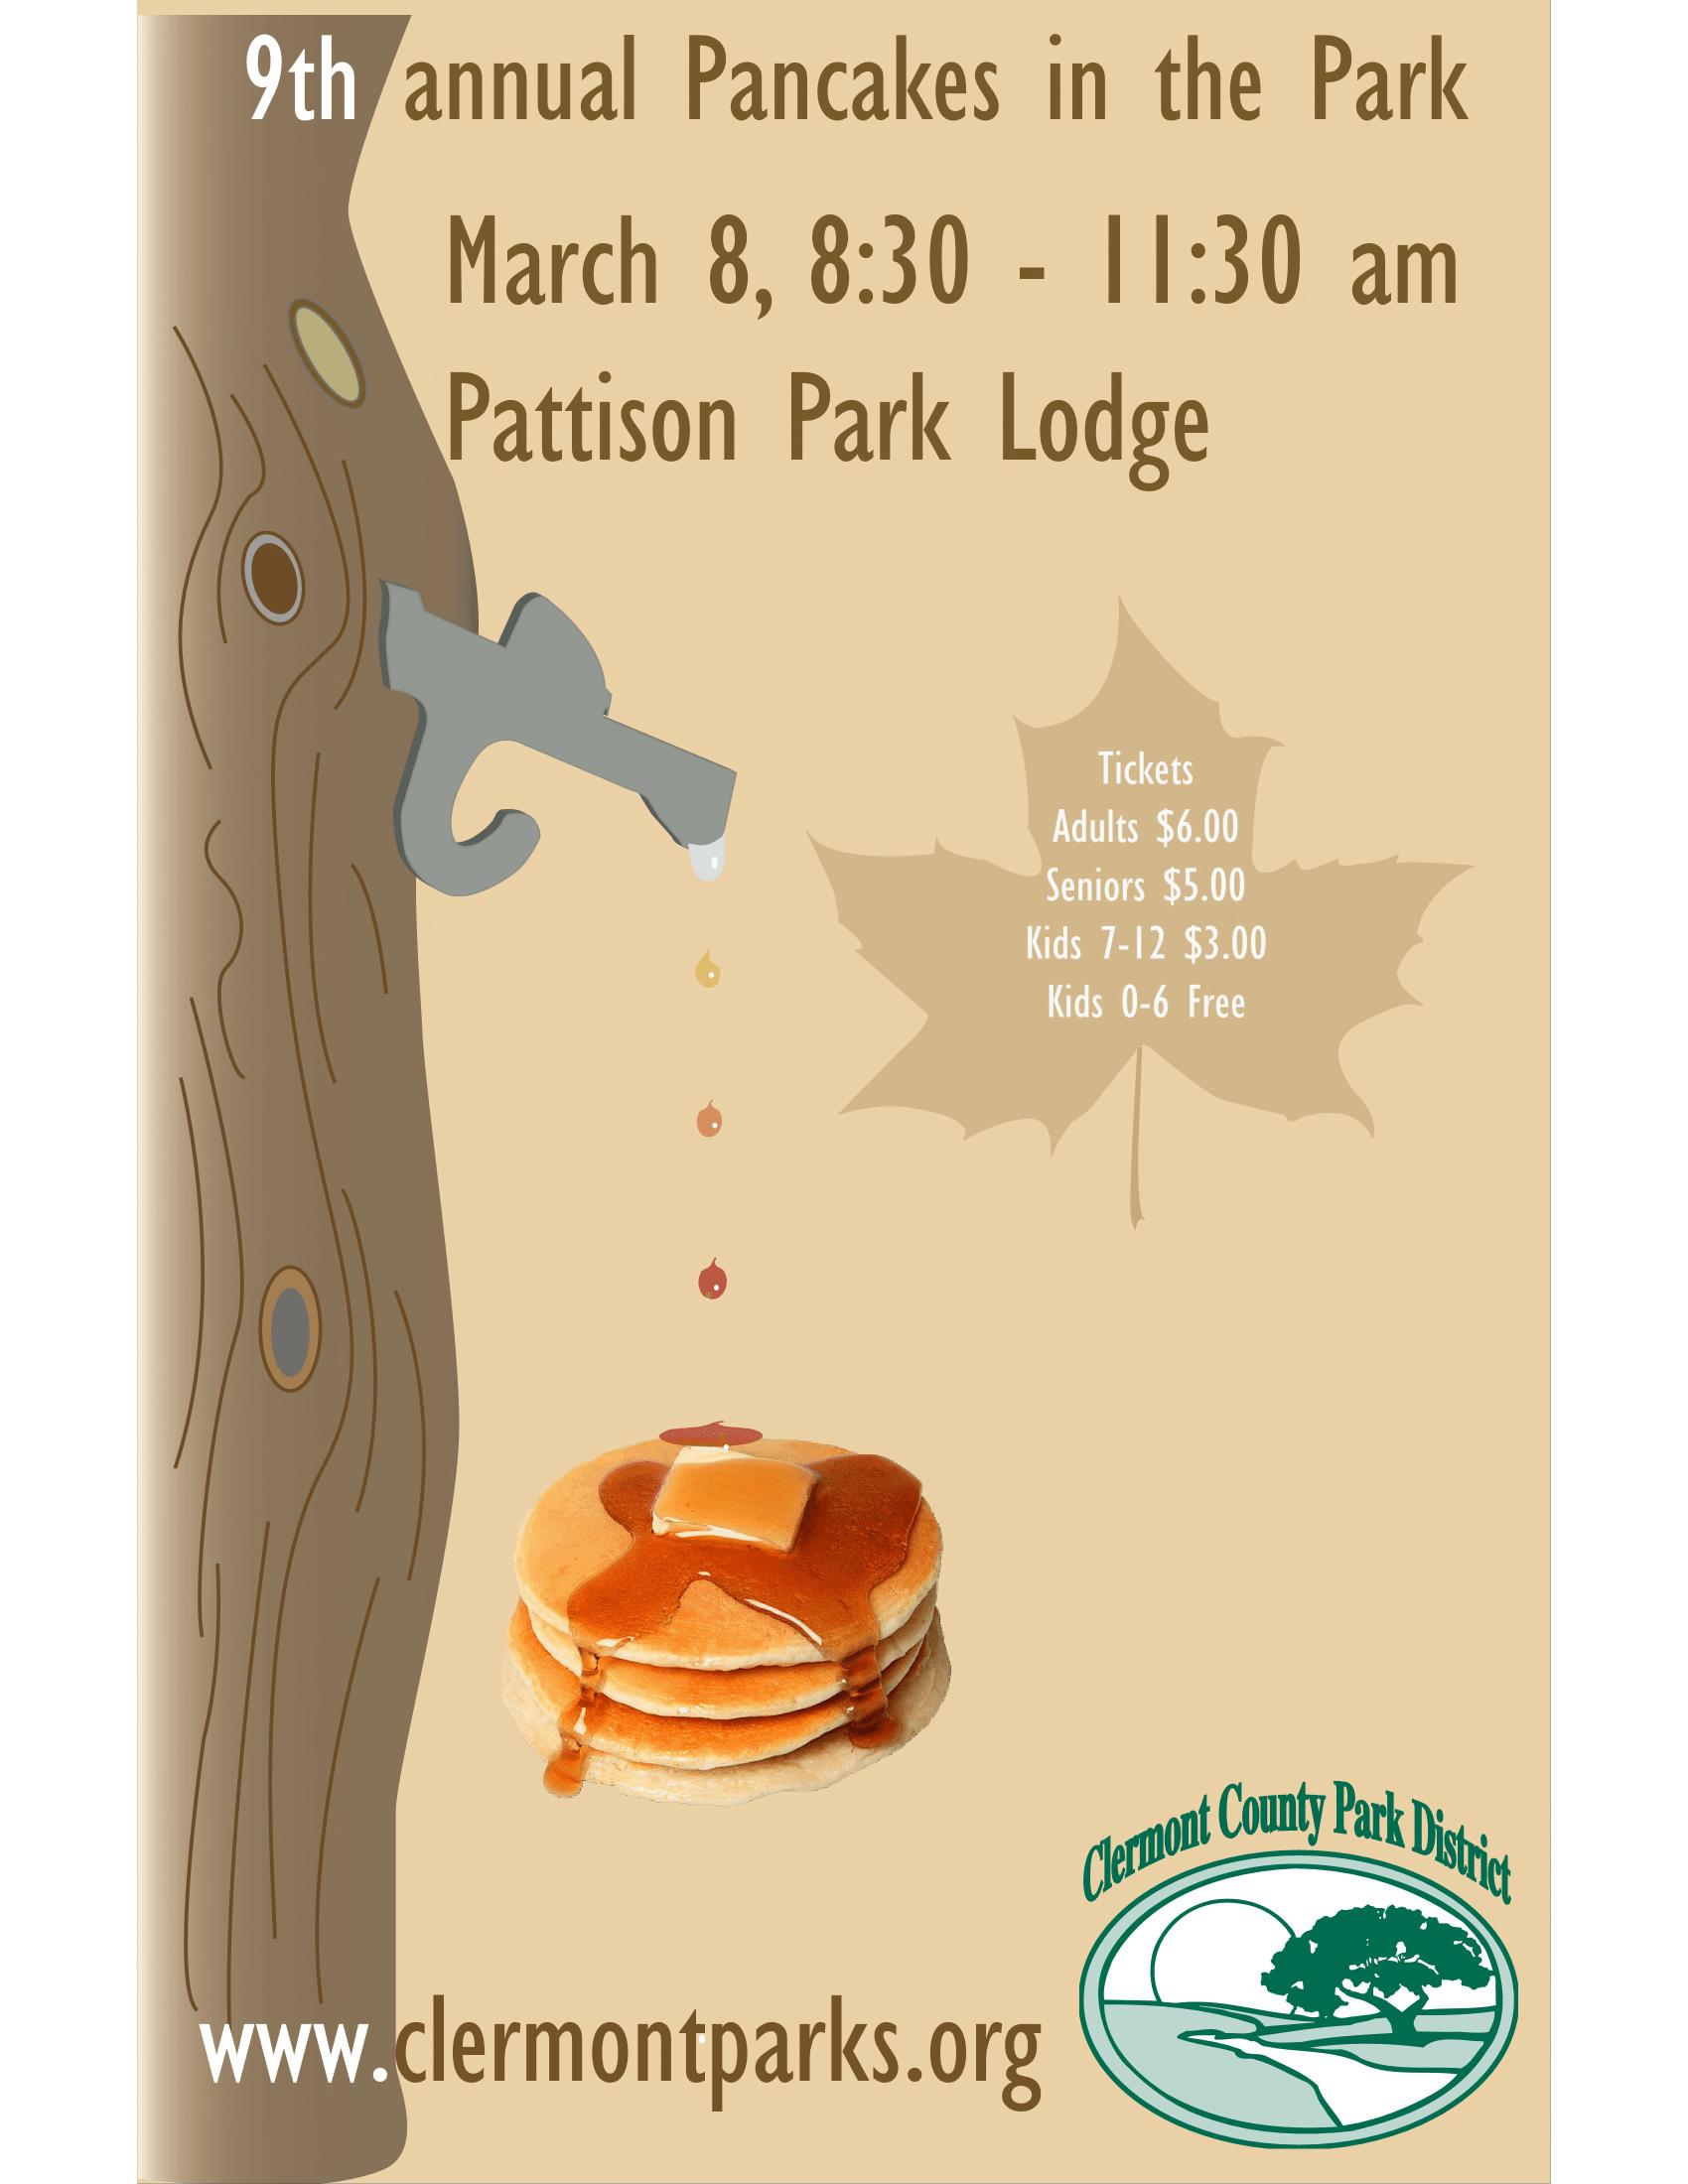 PancakesInThePark2014